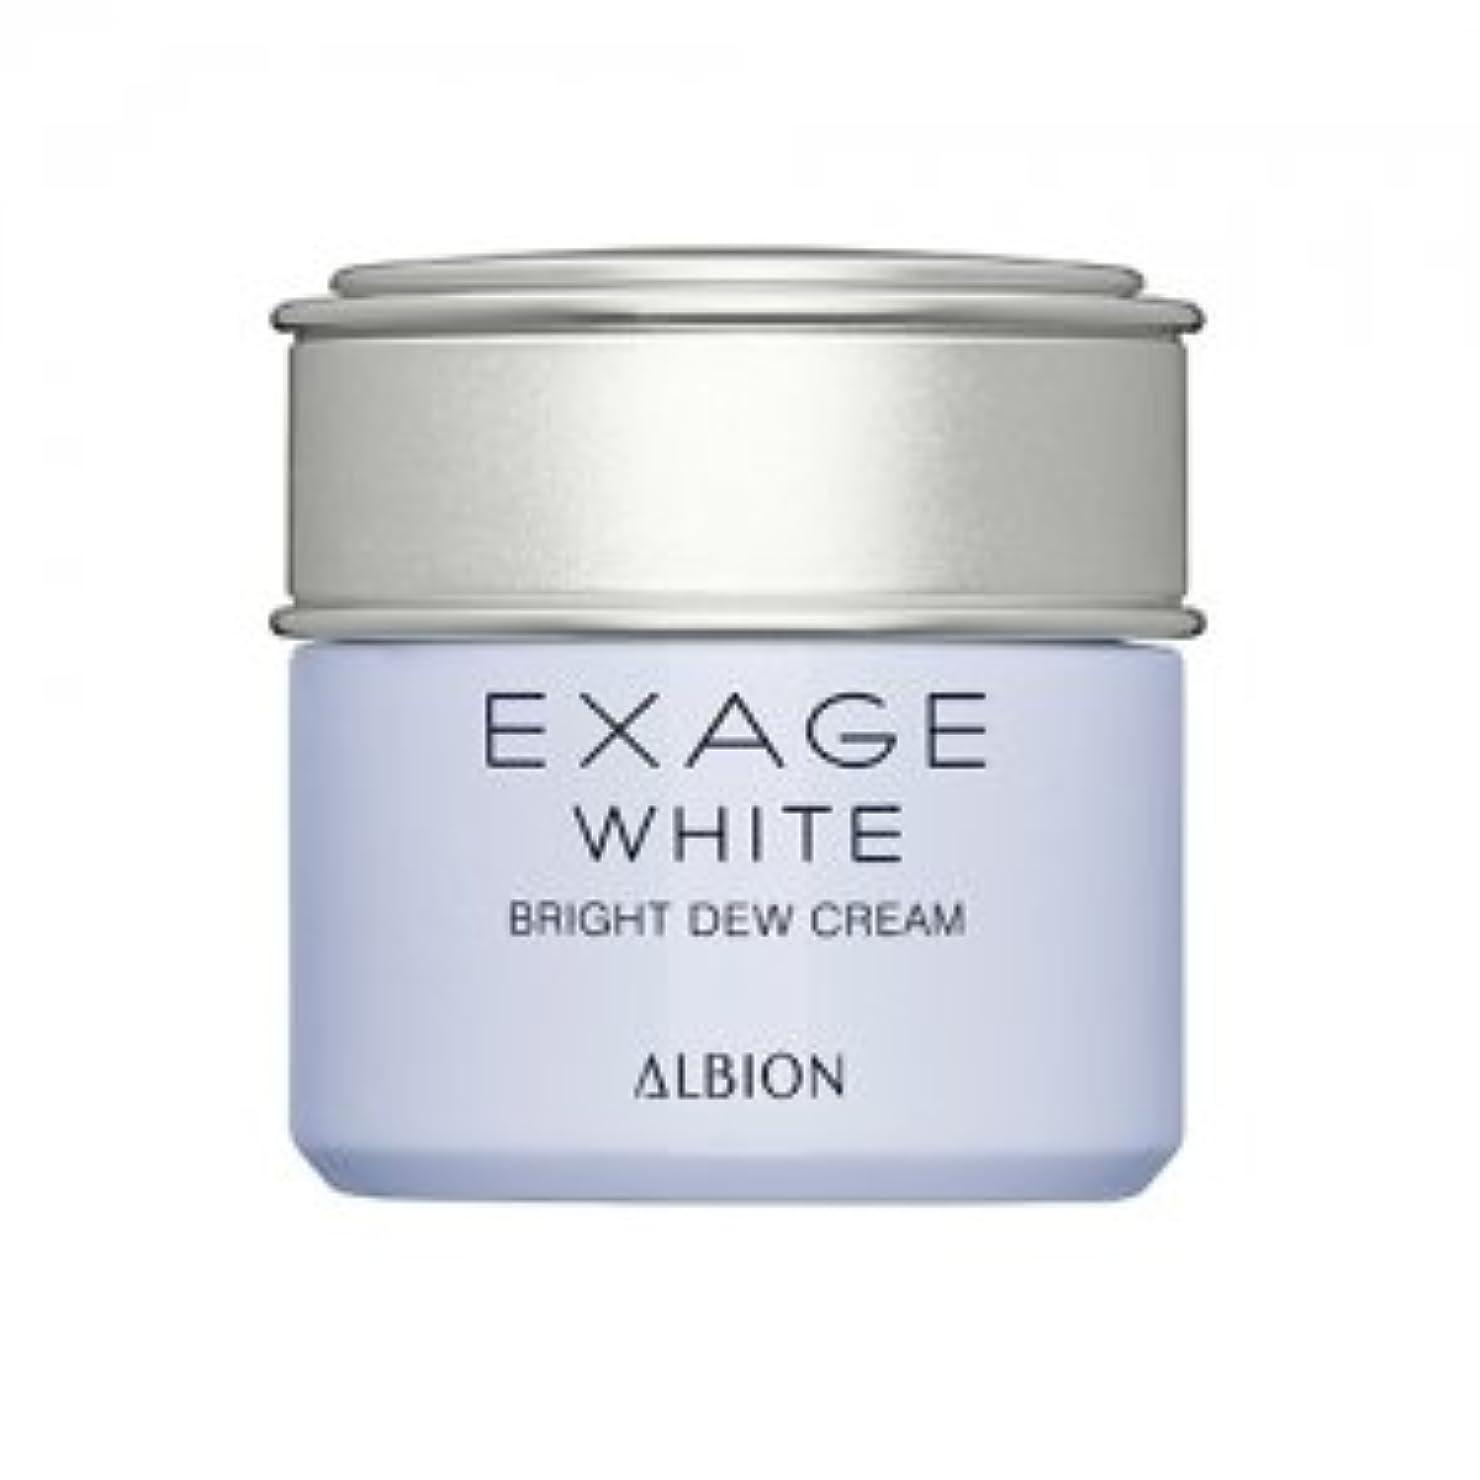 ファンブル試してみる夕方アルビオン エクサージュホワイト ホワイトセルラー クリーム 30g 薬用美白クリーム